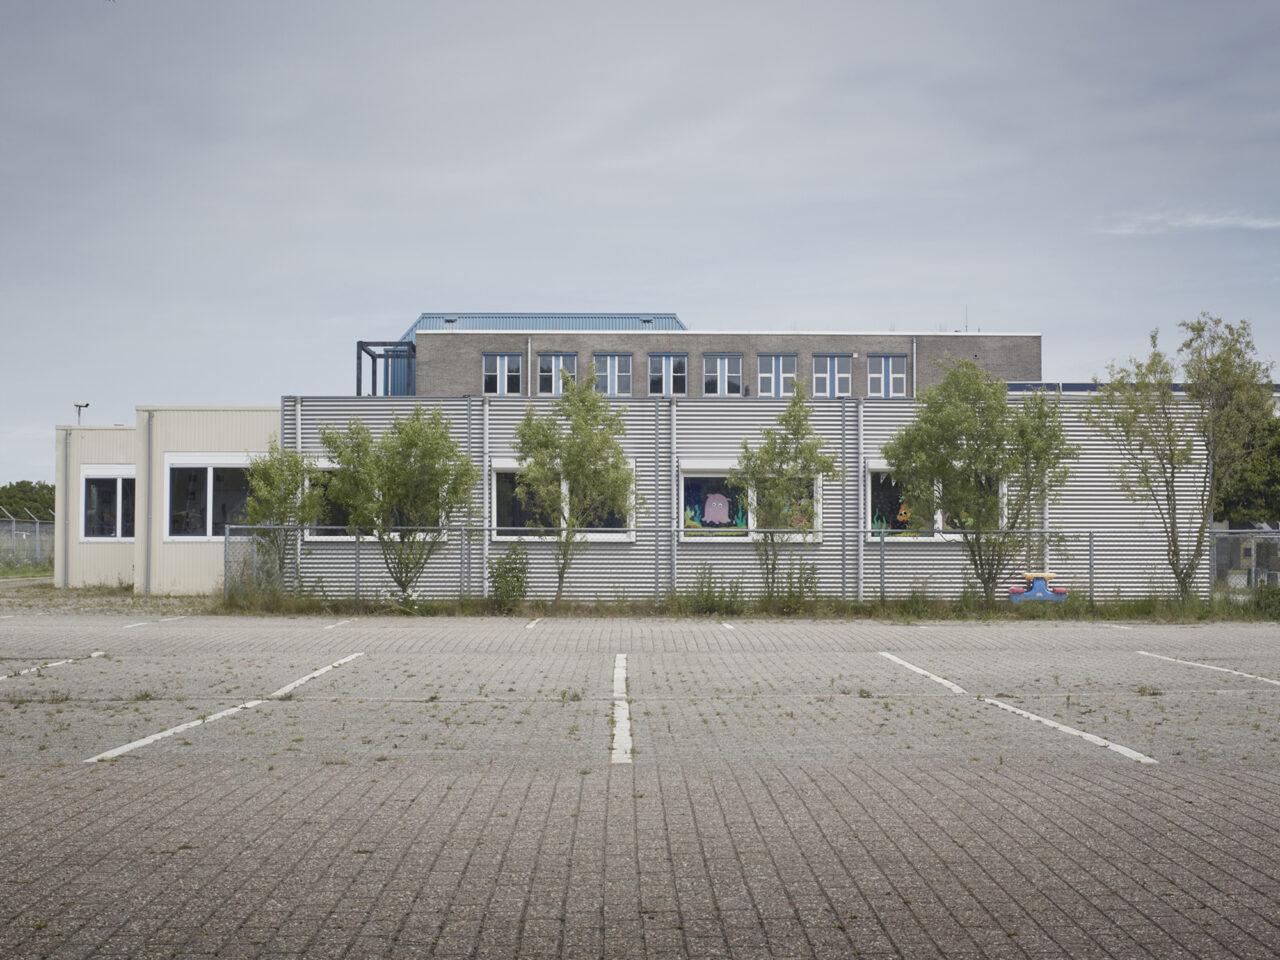 Denny's school,  Gezinslocatie voor uitgeprocedeerde asielzoekers met beperkte bewegingsvrijheid, Katwijk